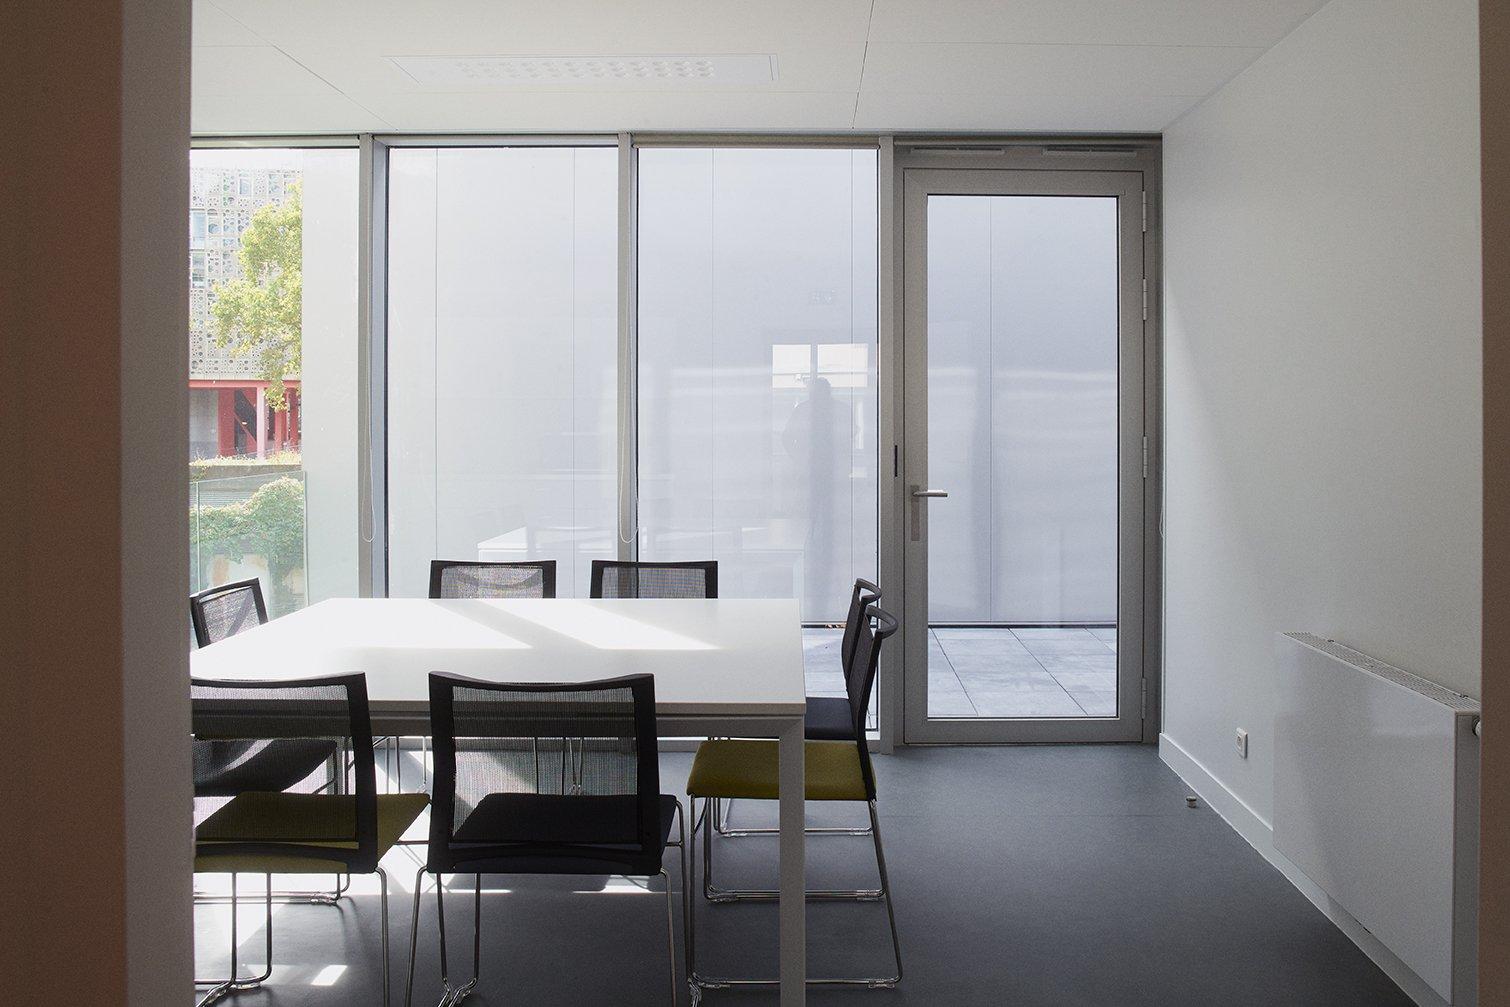 https://www.transform-architecture.com/wp-content/uploads/2020/12/TRANSFORM-Centre-exploration-fonctionnelle-Jussieu-10.jpg